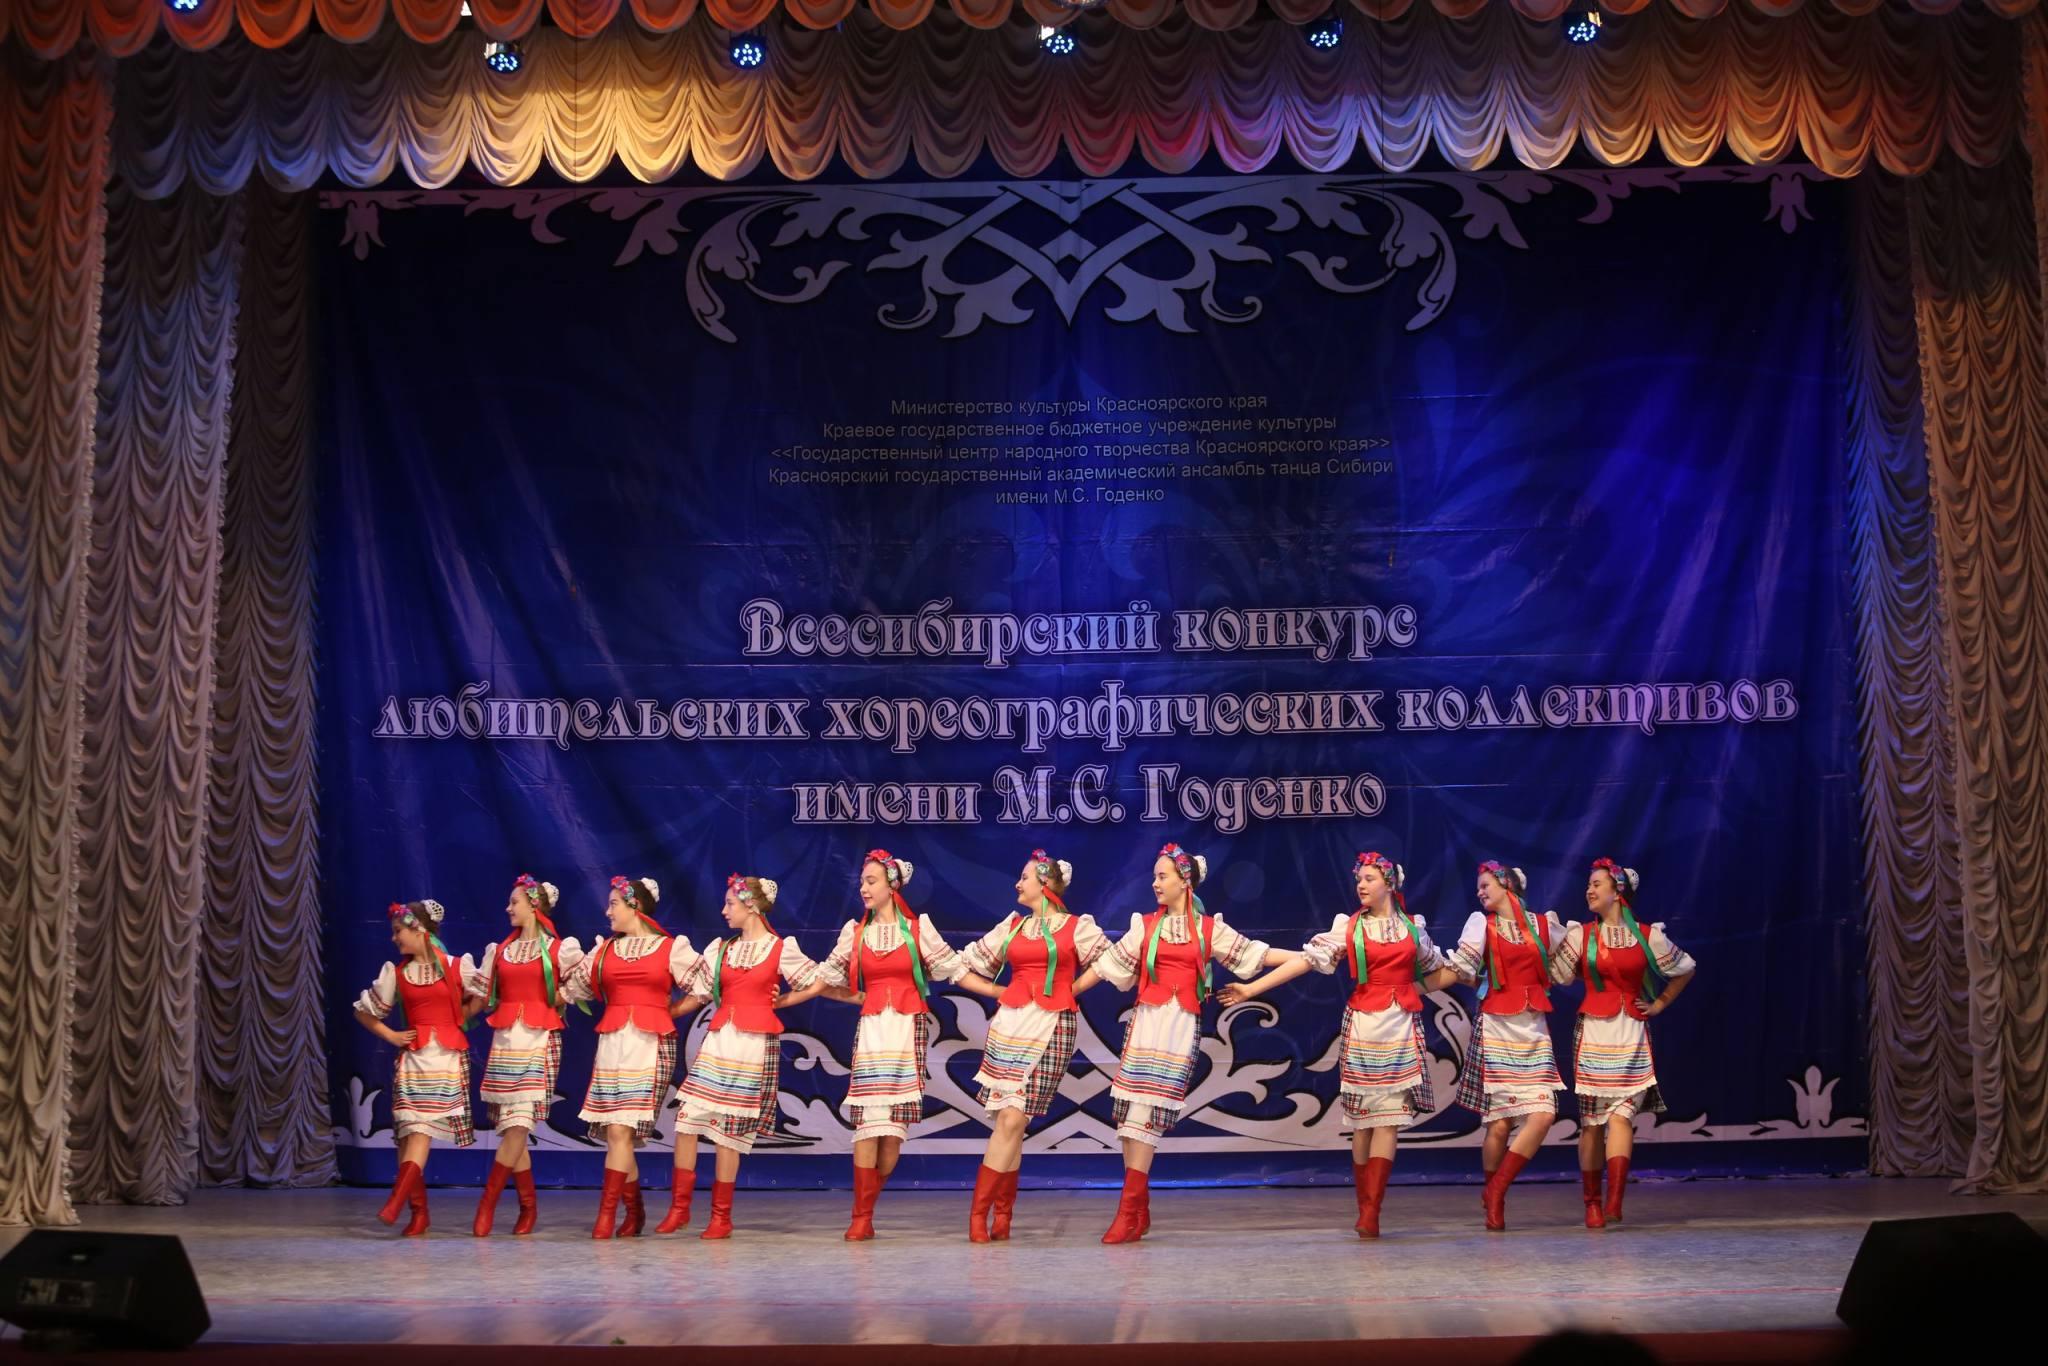 Участие во Всероссийском конкурсе